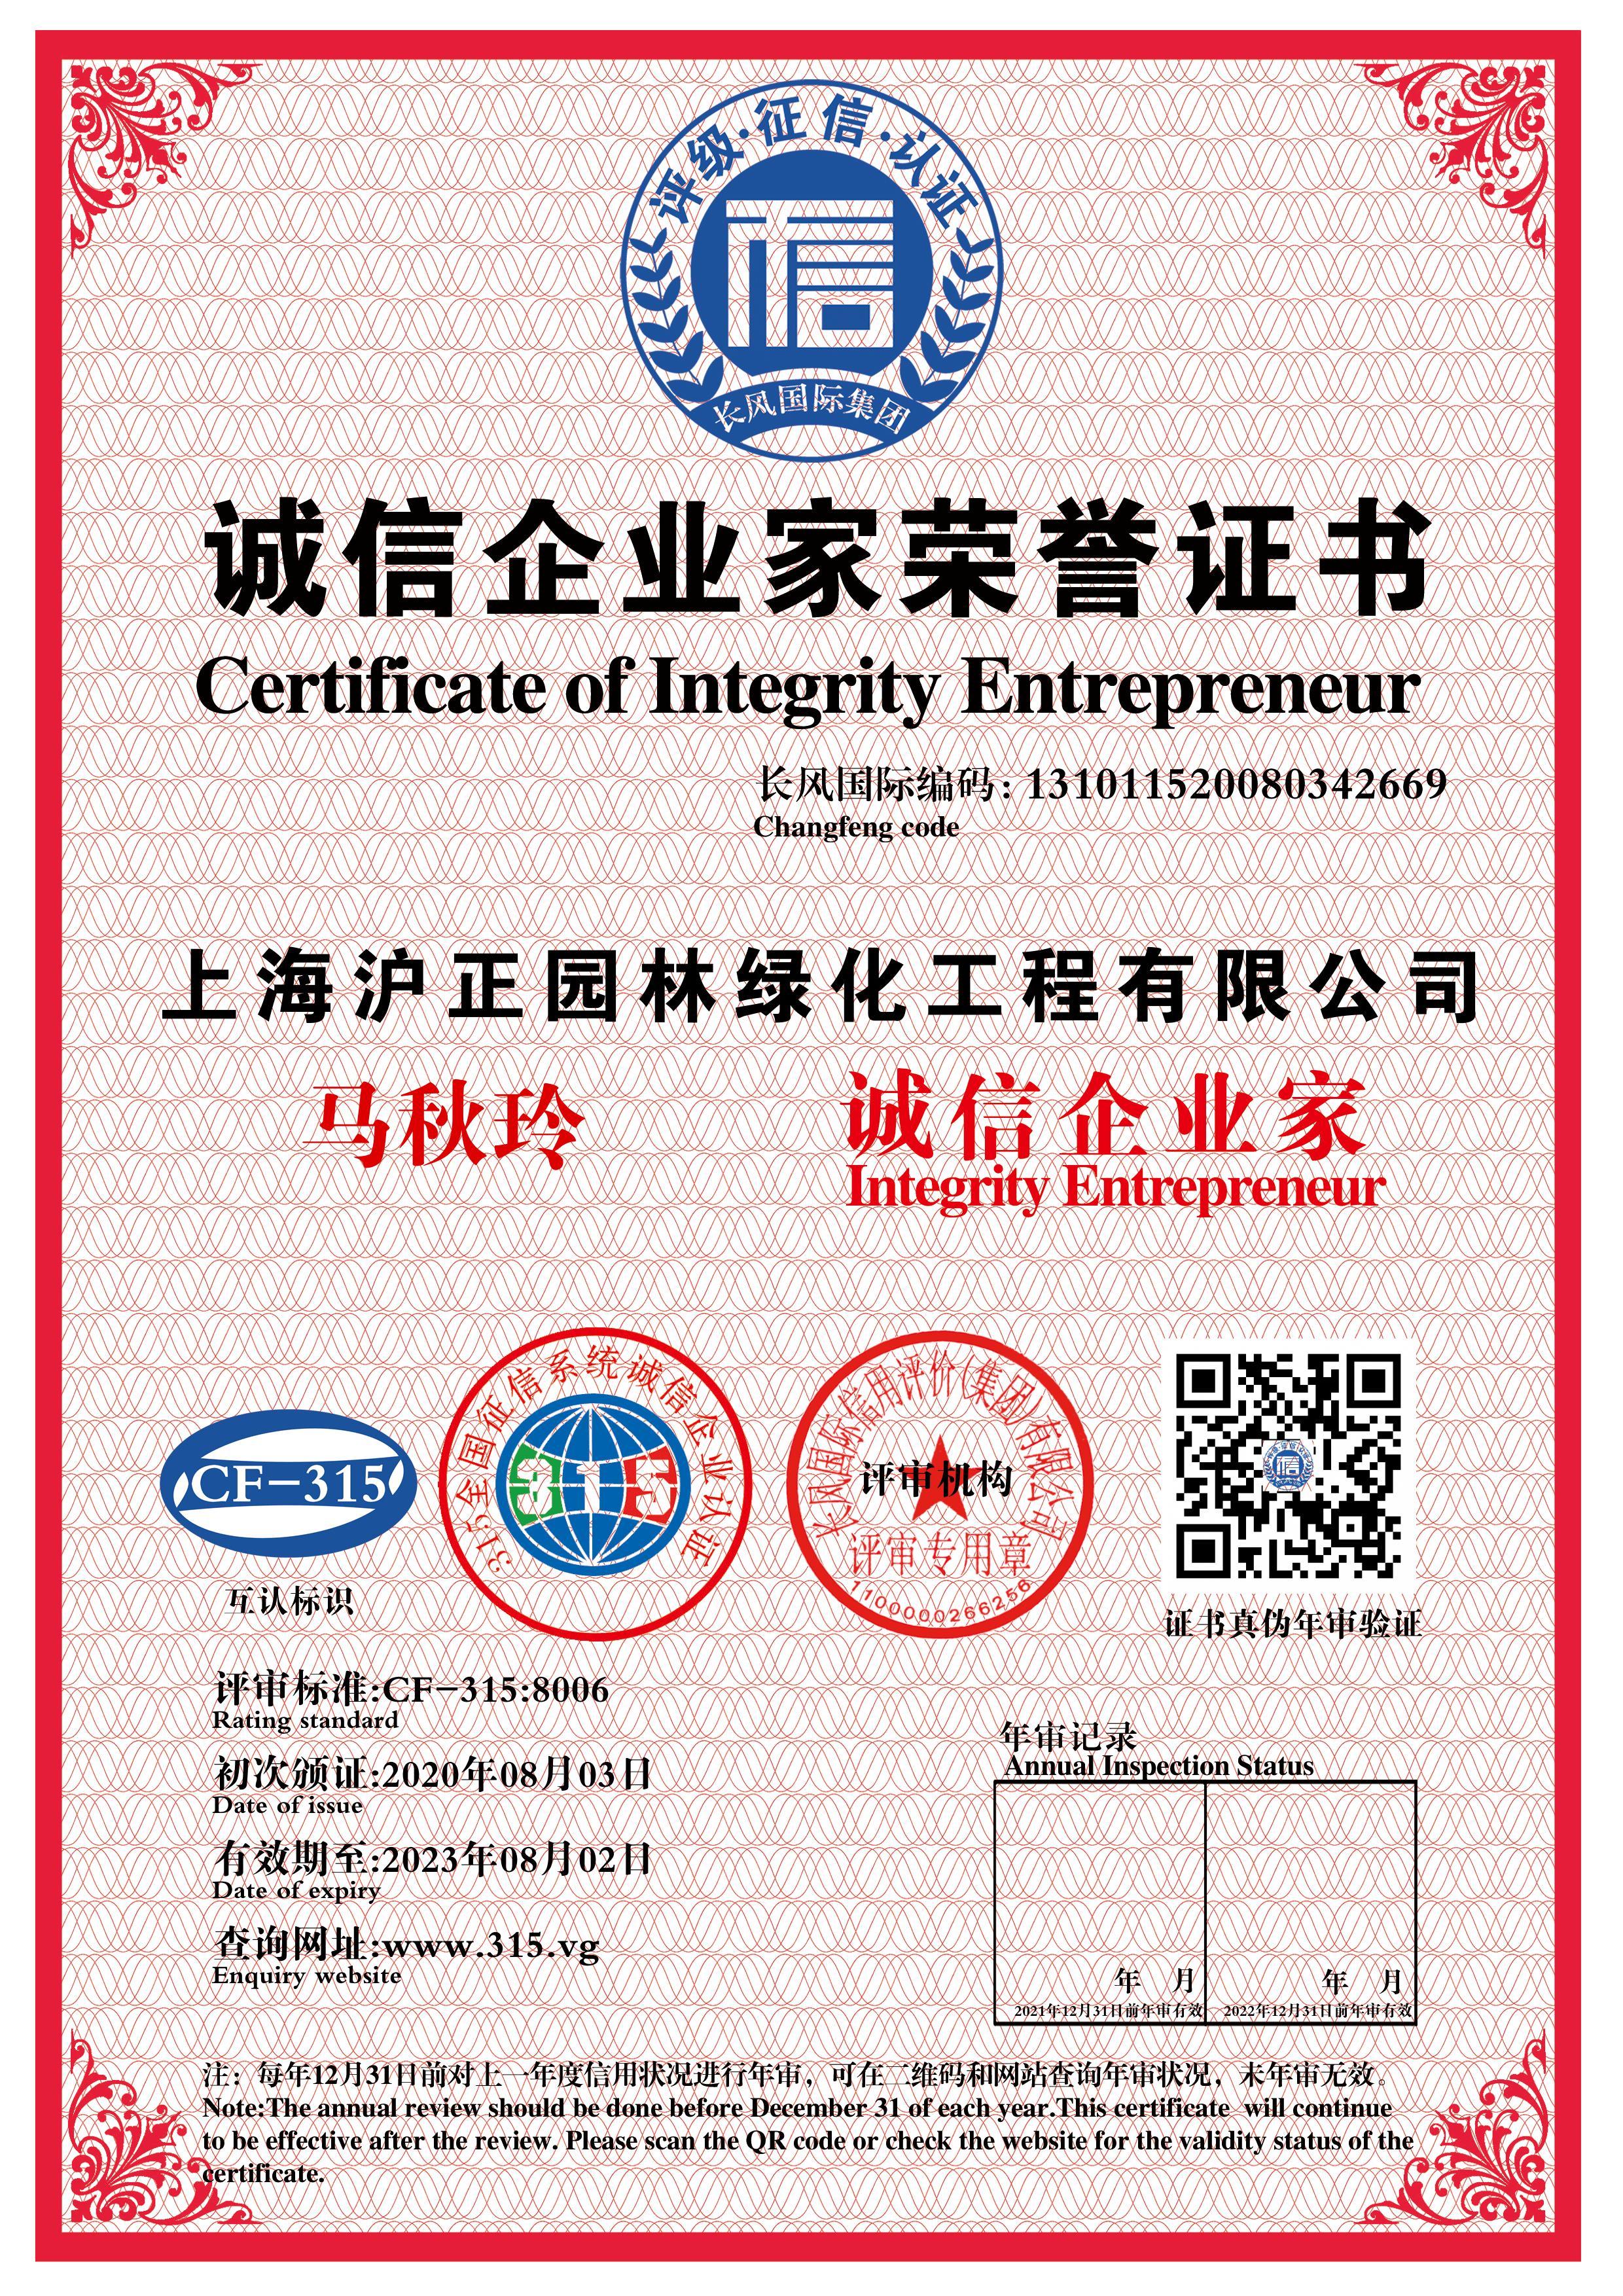 公司荣誉 (5).jpg